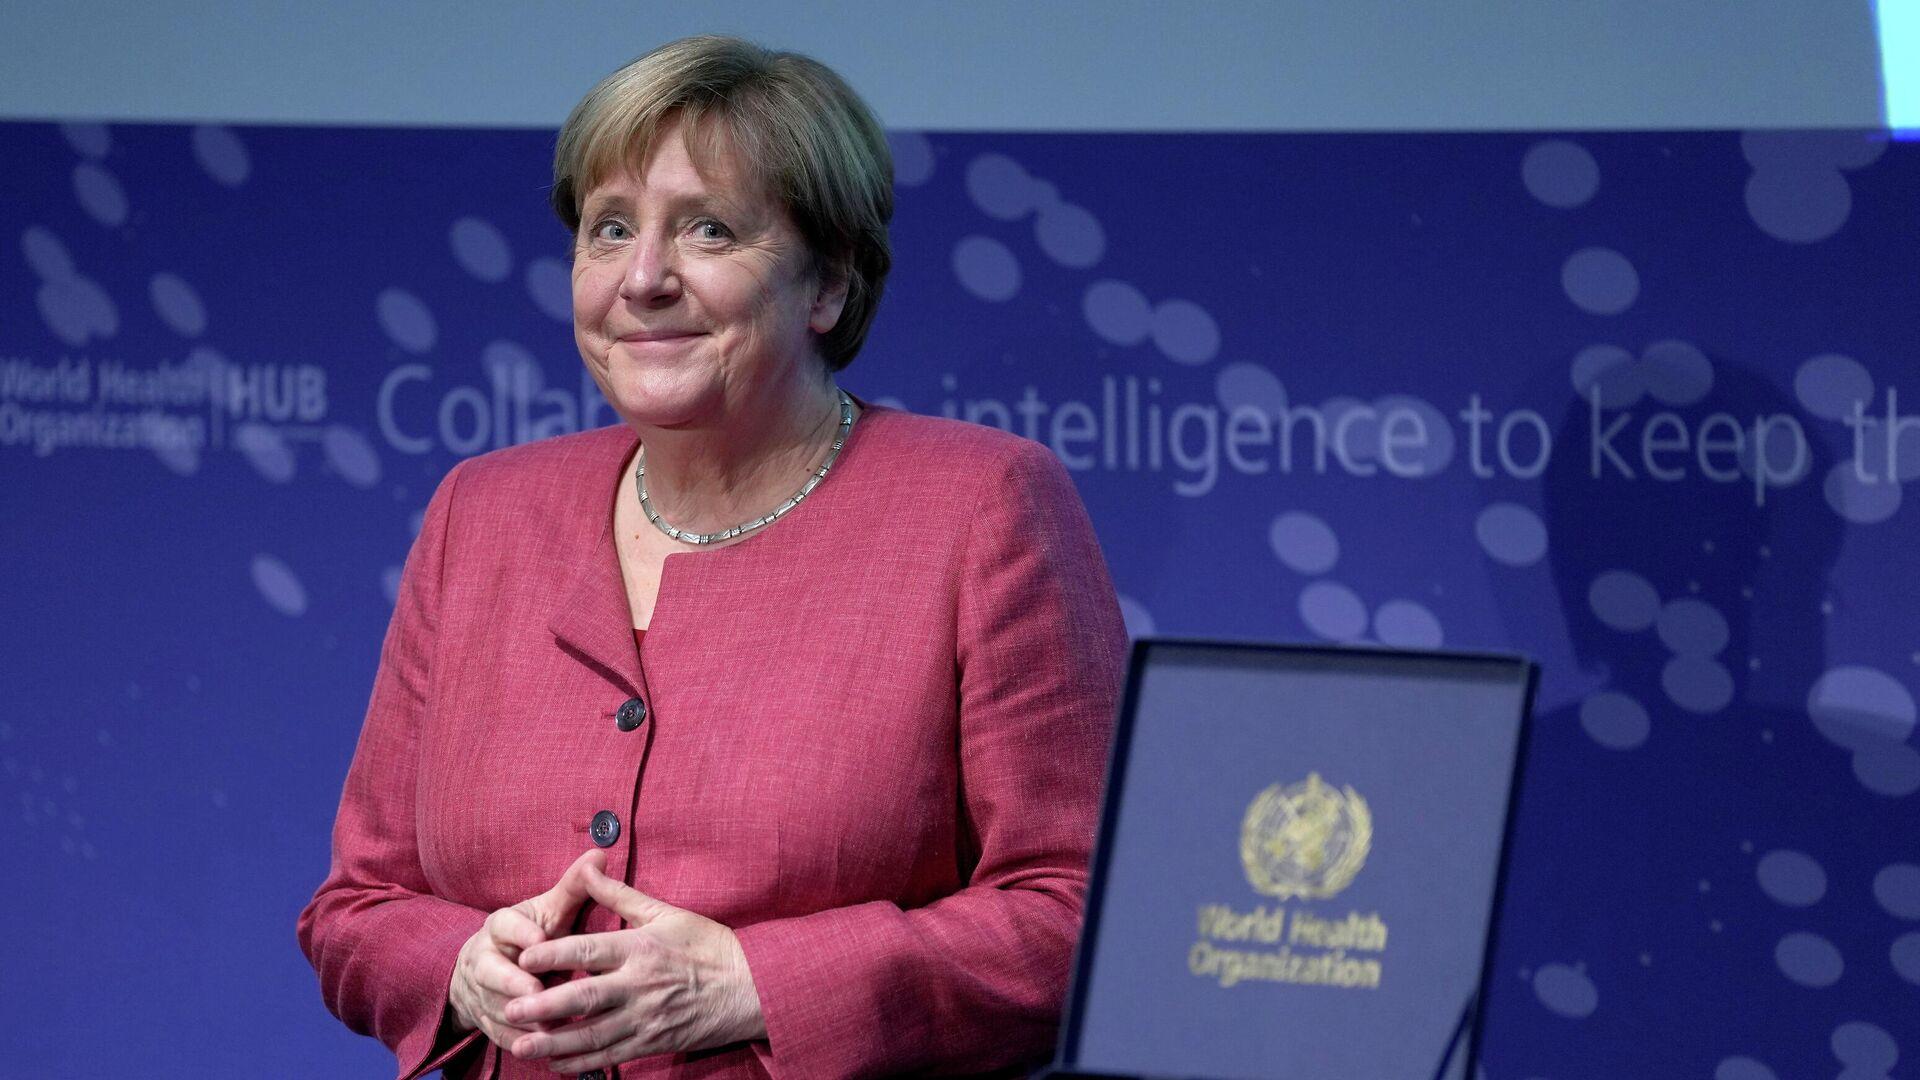 Merkel eröffnet WHO-Hub in Berlin am 1. September 2021 - SNA, 1920, 01.09.2021